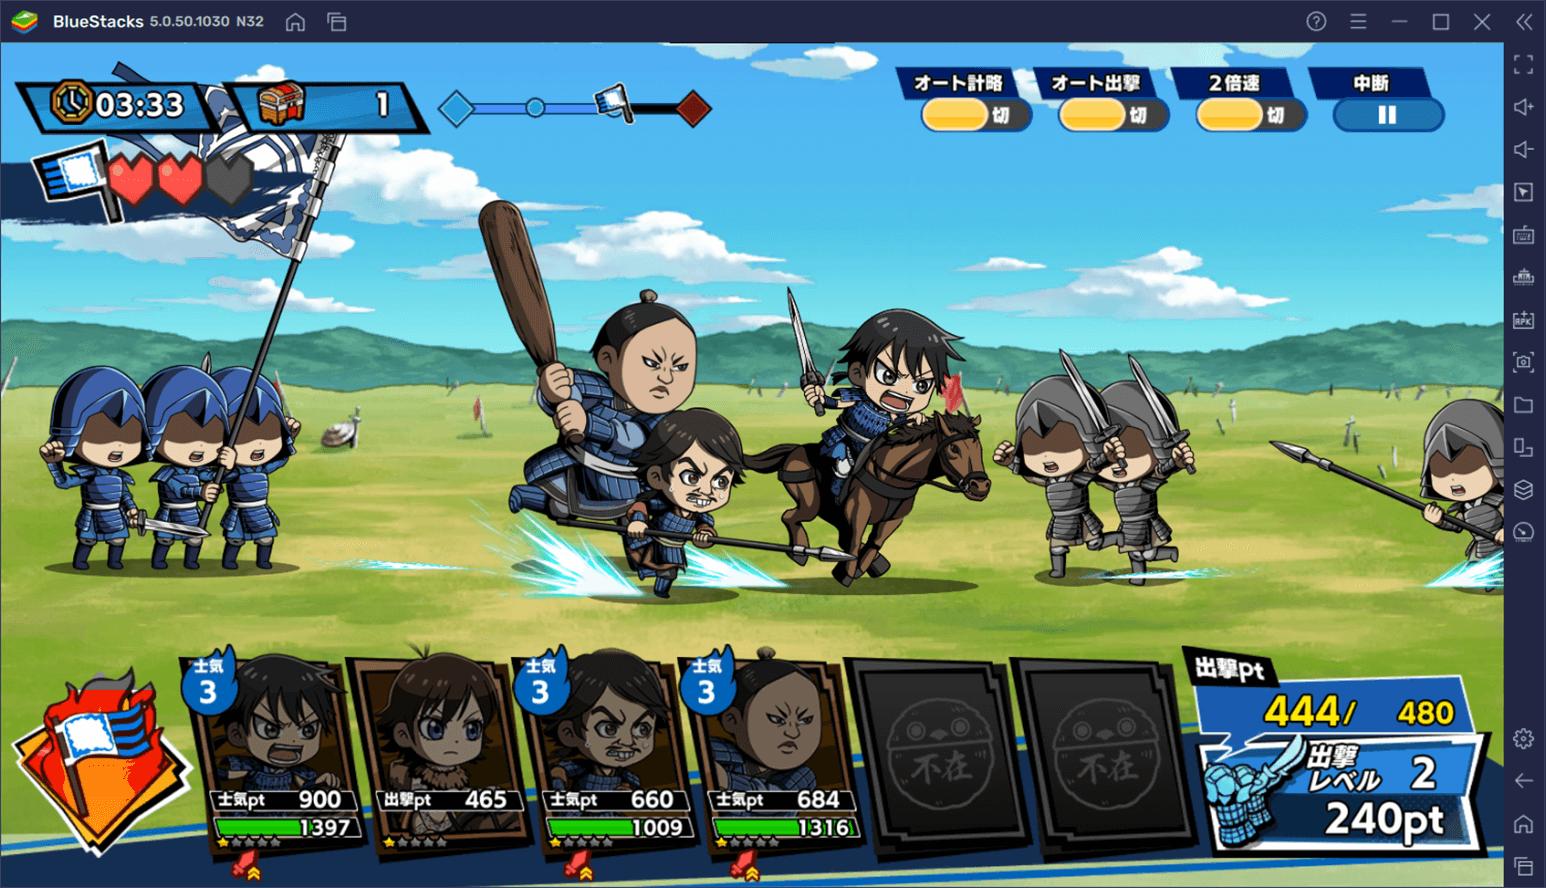 BlueStacksを使ってPCで『キングダムDASH!!』を遊ぼう